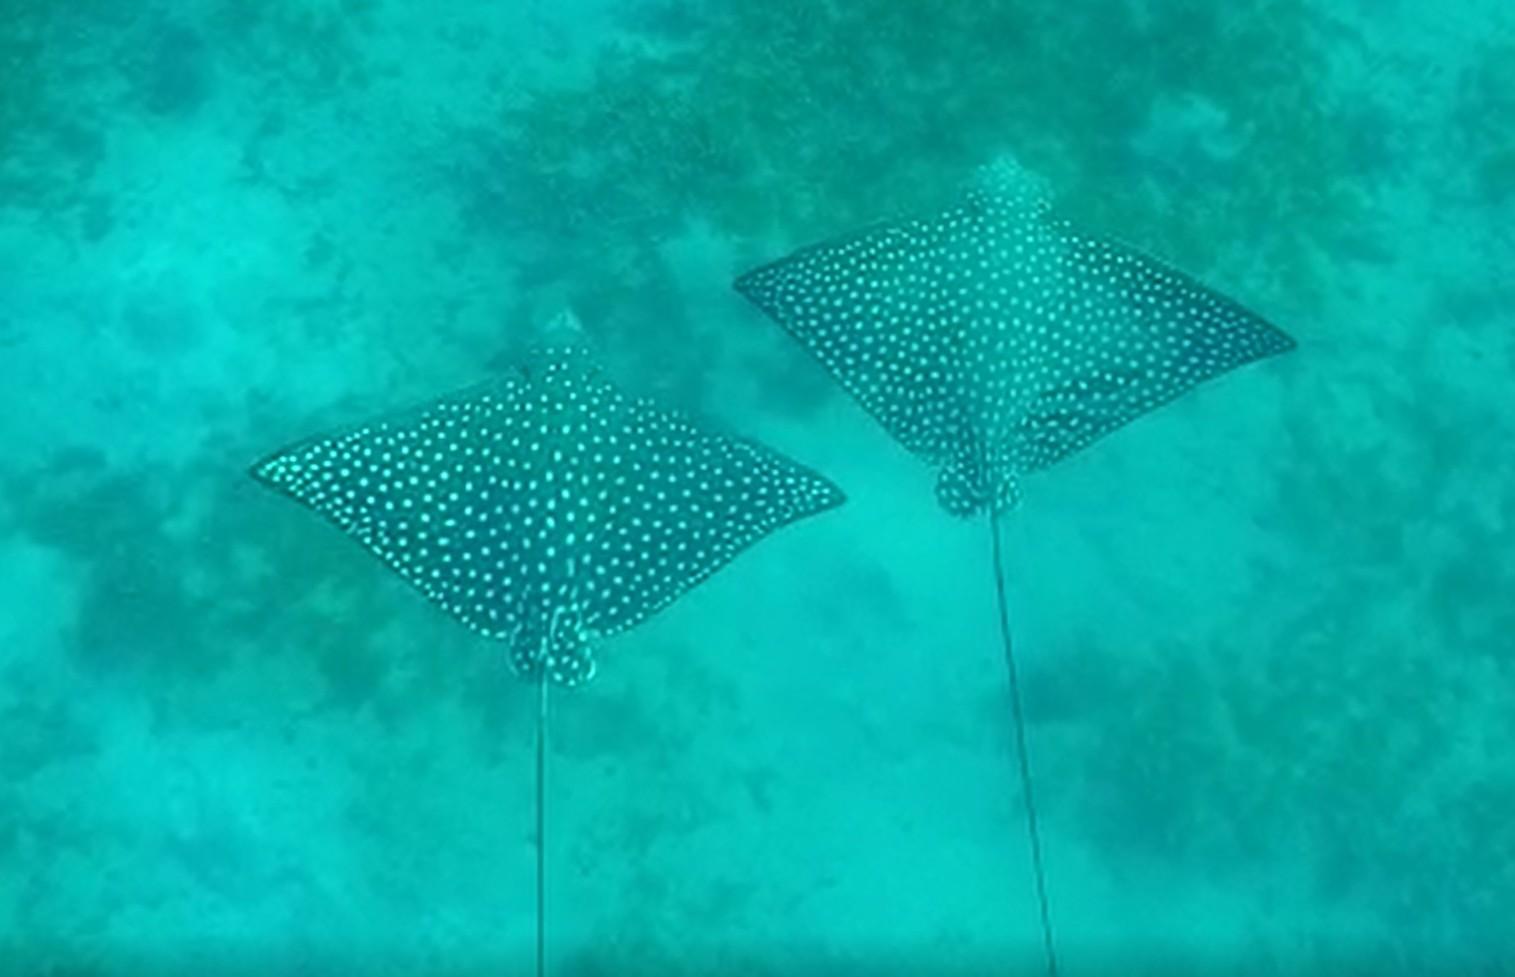 תצפית מדהימה בצלילה במפרץ אילת בצמד טריגונים נקודים